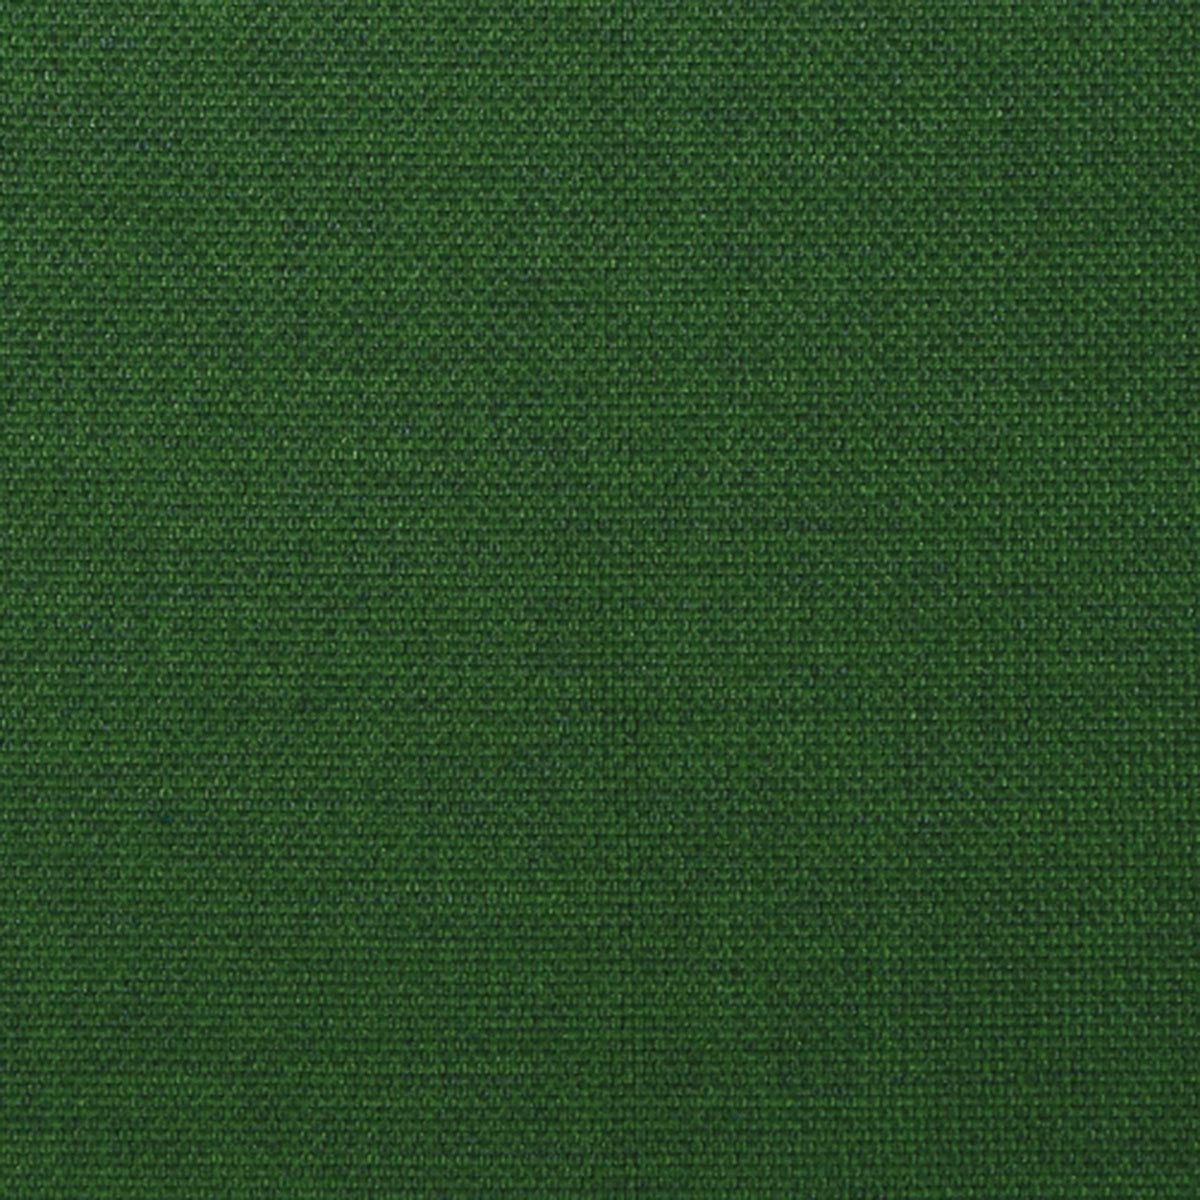 Sitzkissen-Auflage Musica, grün   #2